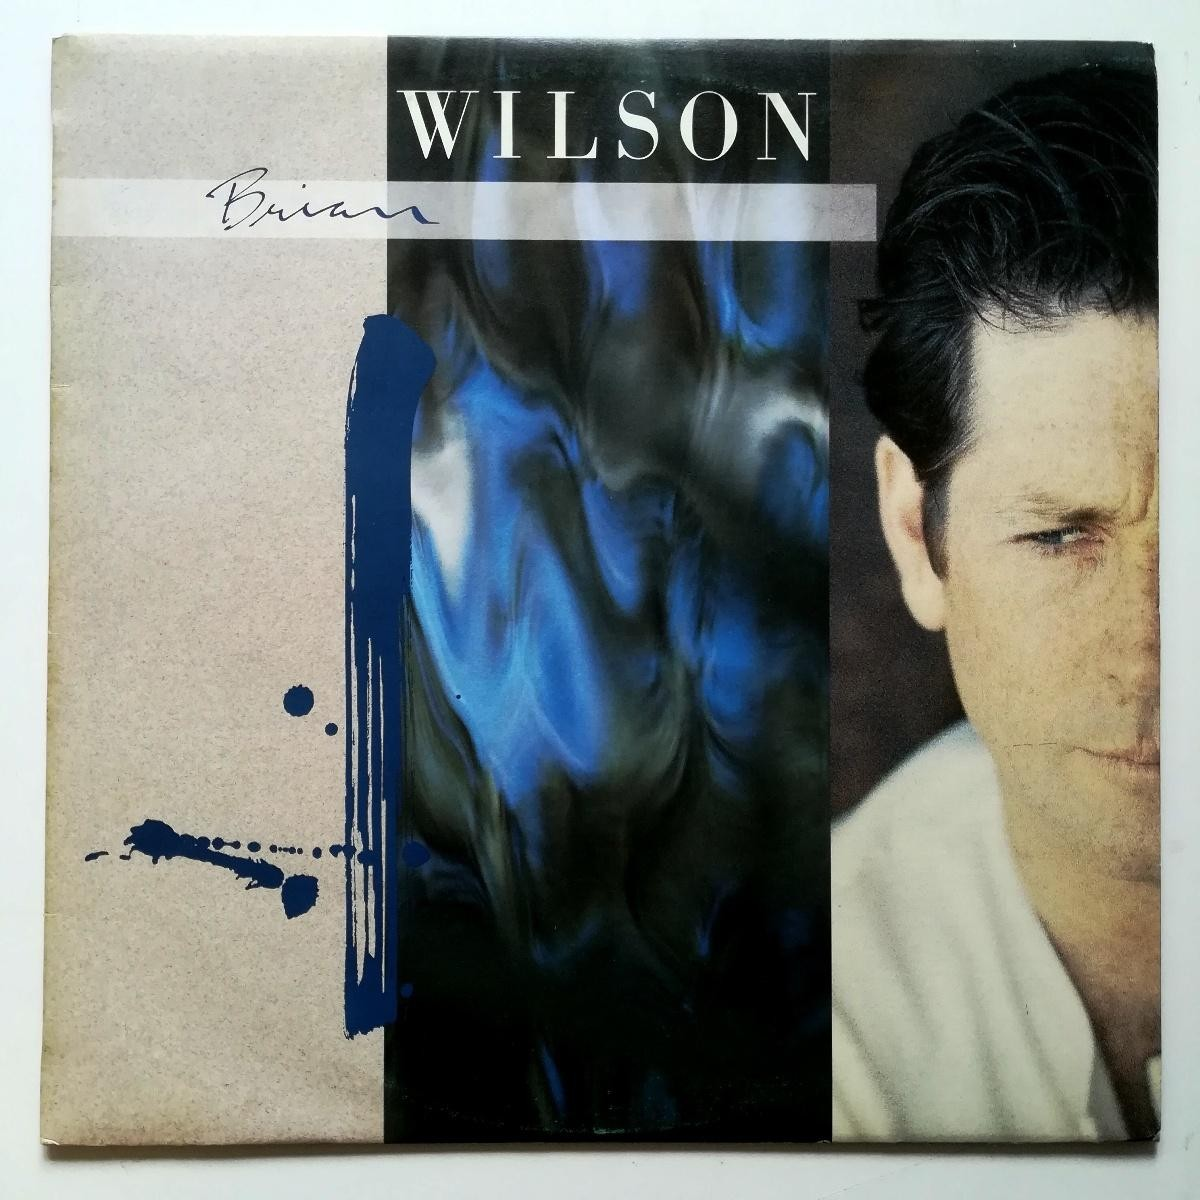 Wilson Brian Ex-The Beach Boys - Brian Wilson